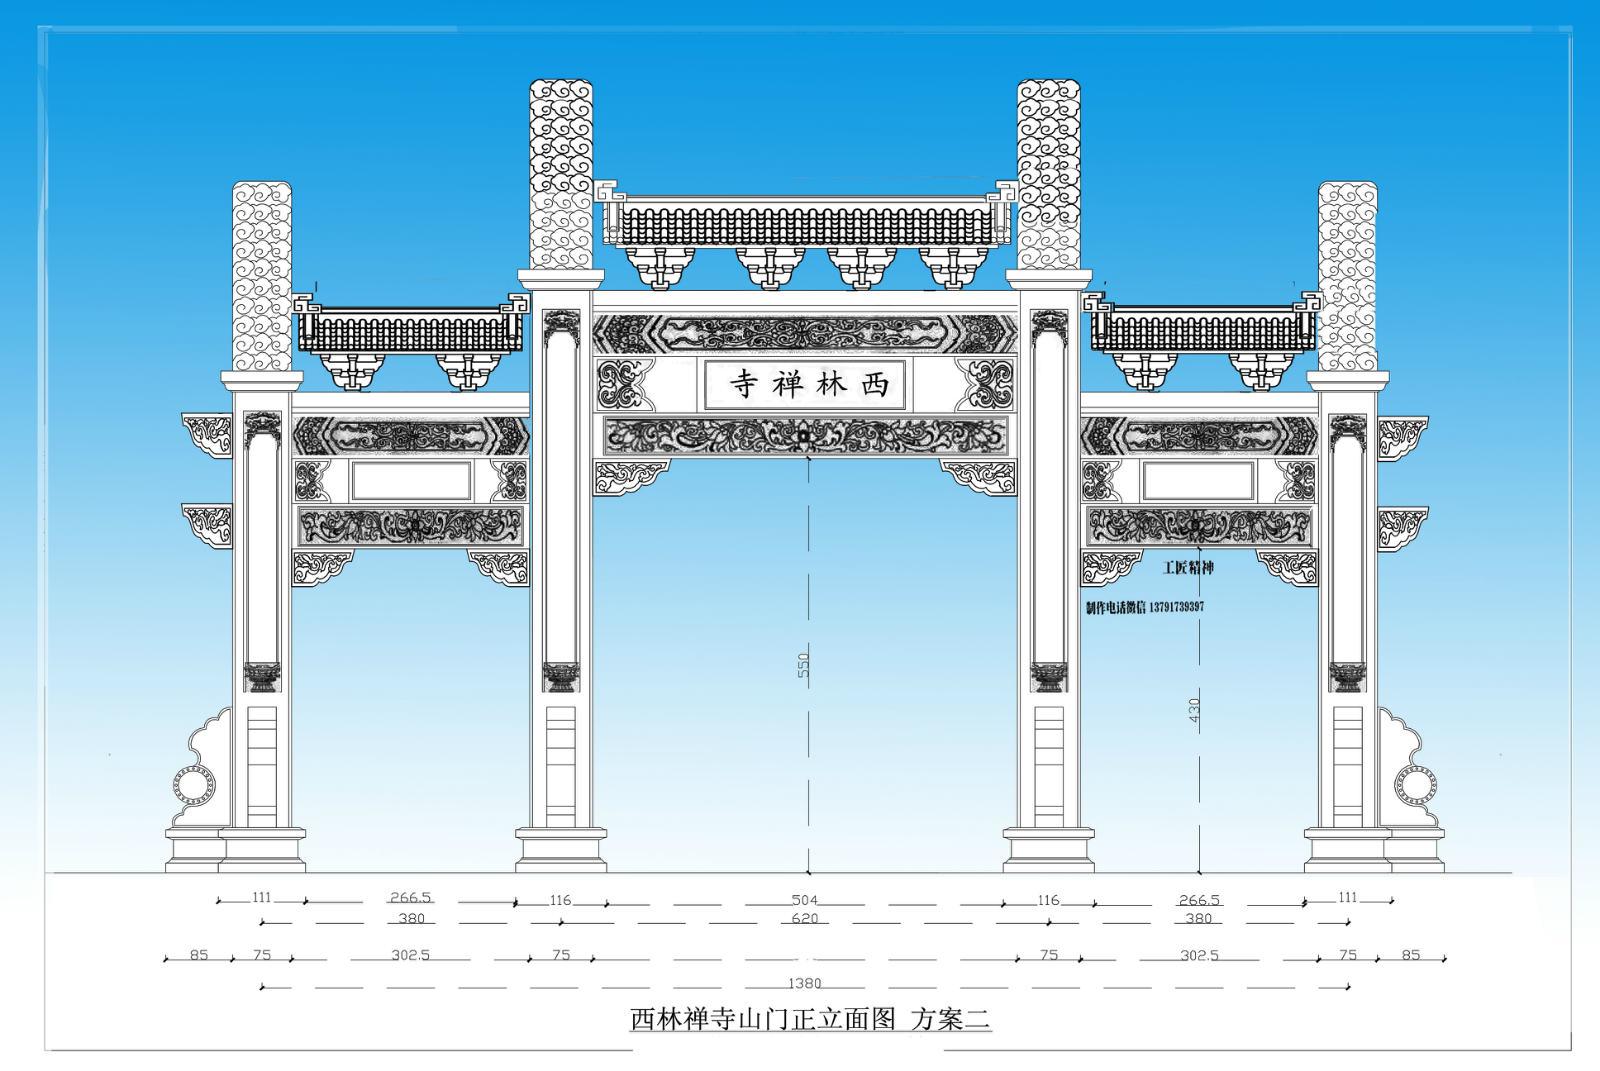 现代牌楼设计图